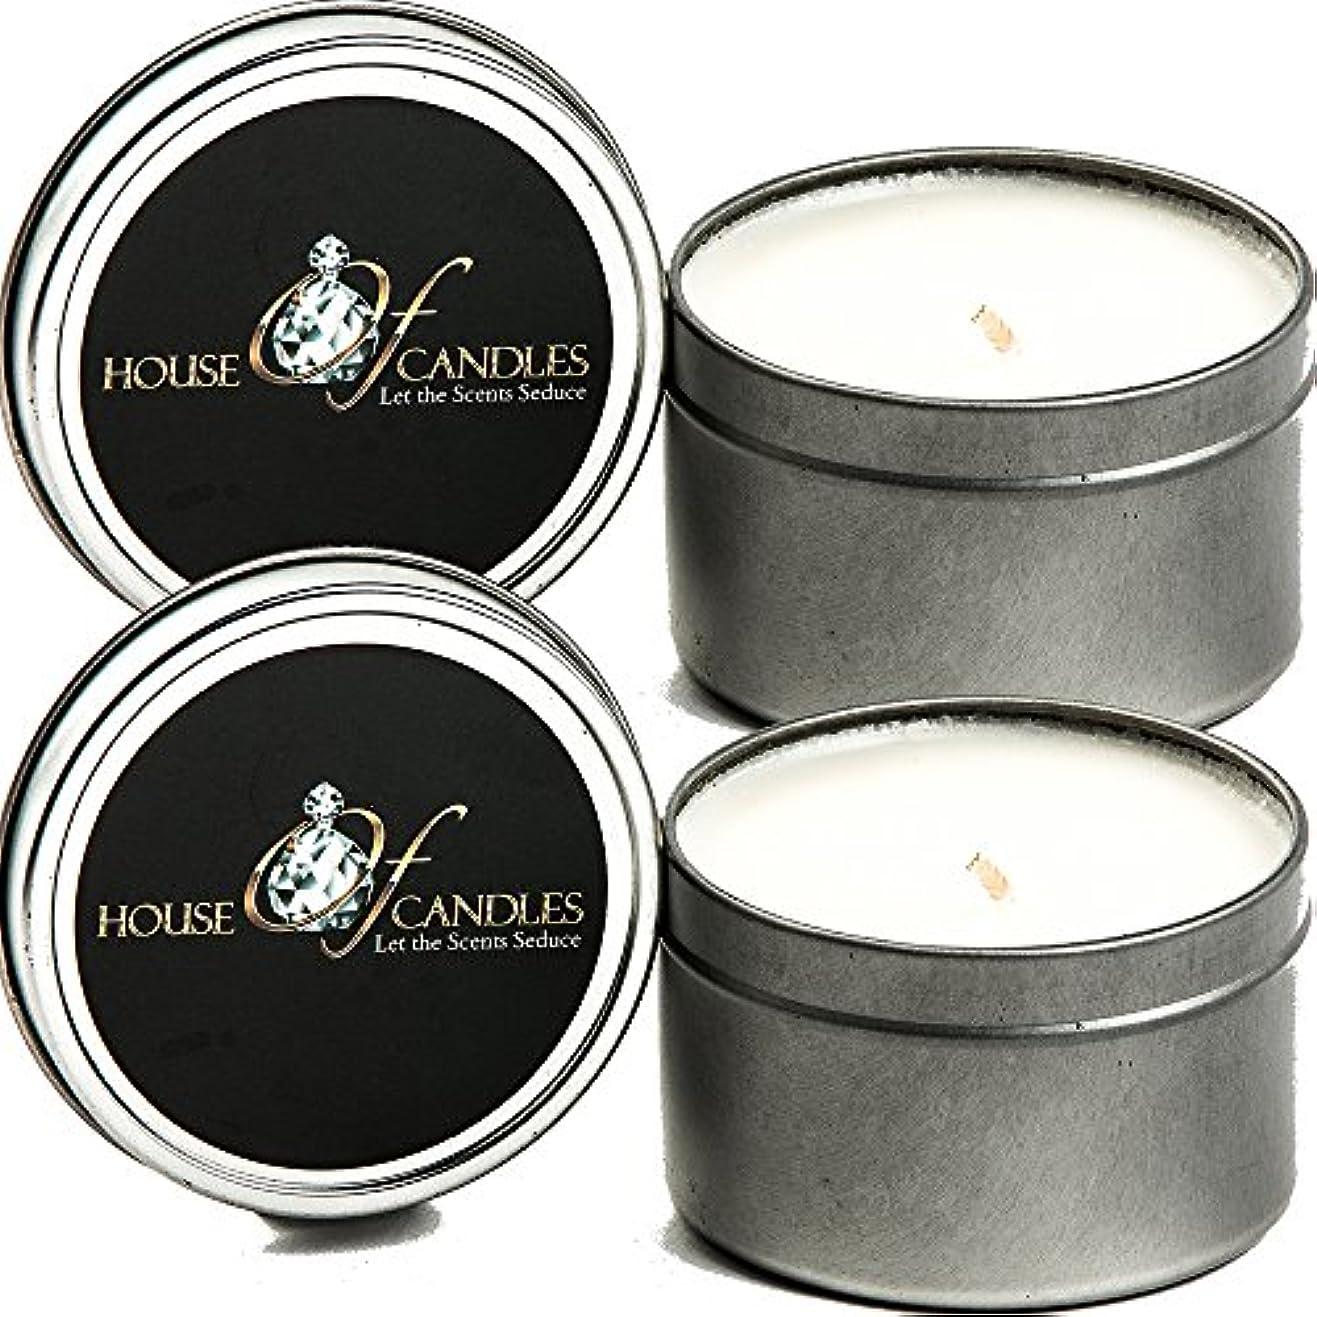 開発バイソンフェザープラムプディングX 2 Ecosoy Scented Candles – Tins – Vegan &虐待フリー